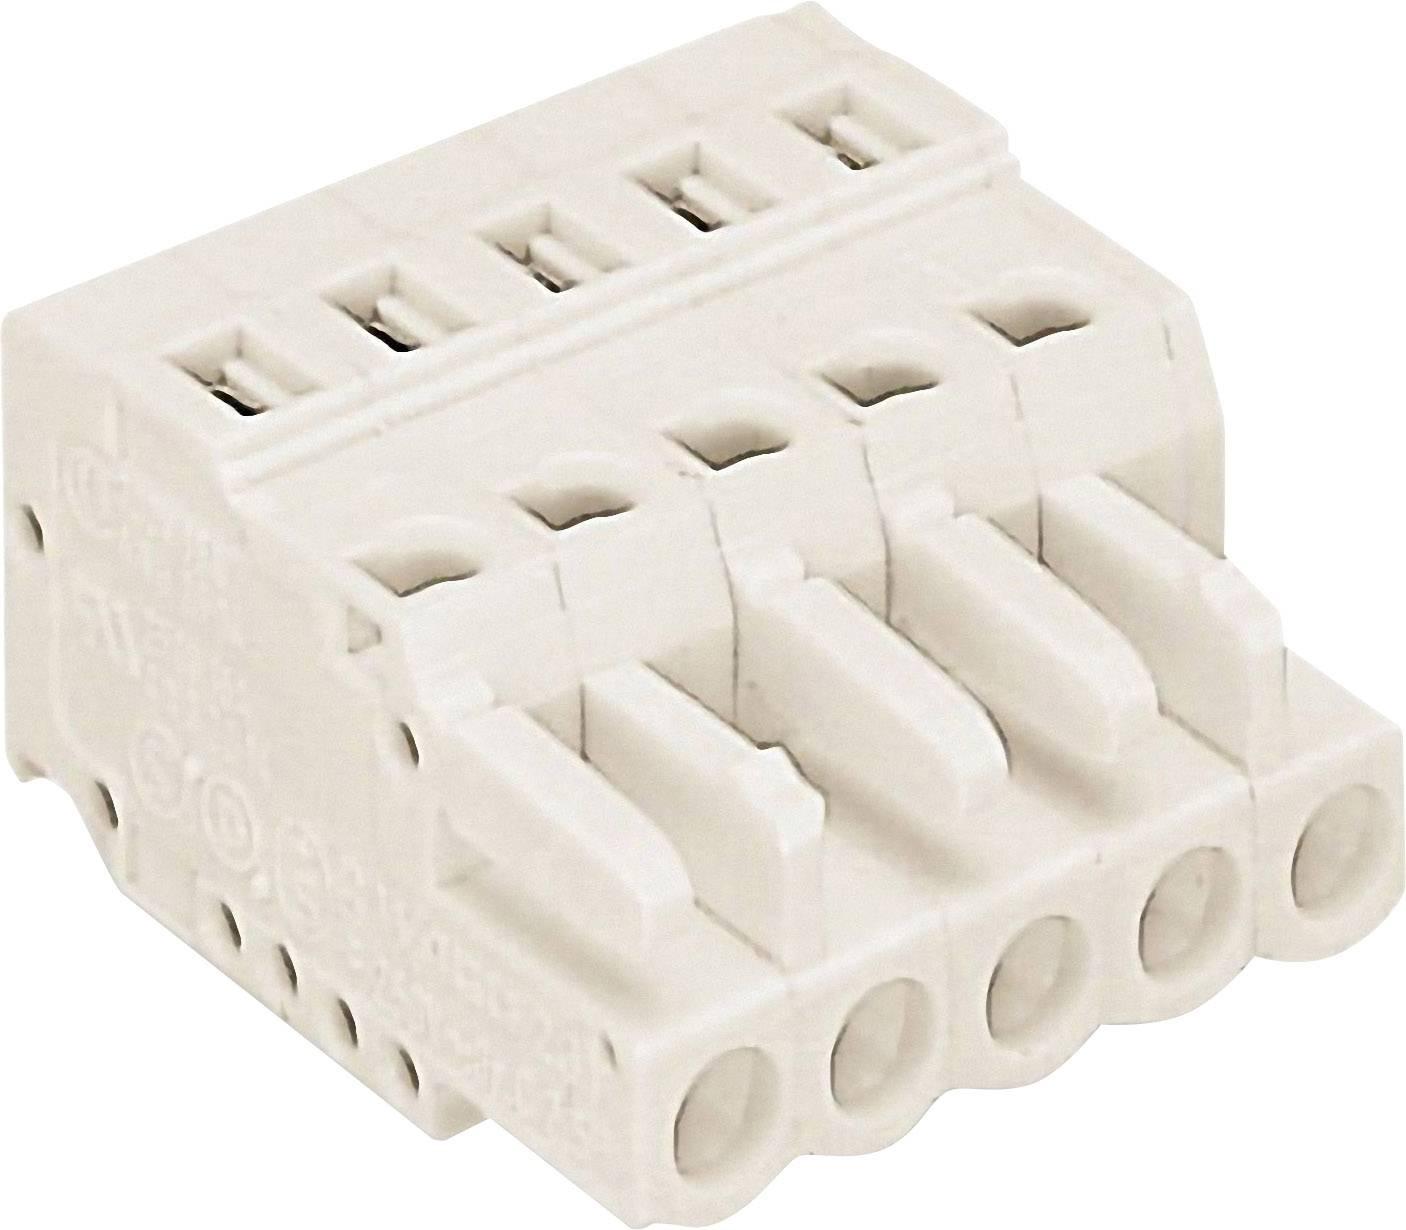 Zásuvkové púzdro na kábel WAGO 721-103/026-000, počet pólov 3, raster 5 mm, 1 ks